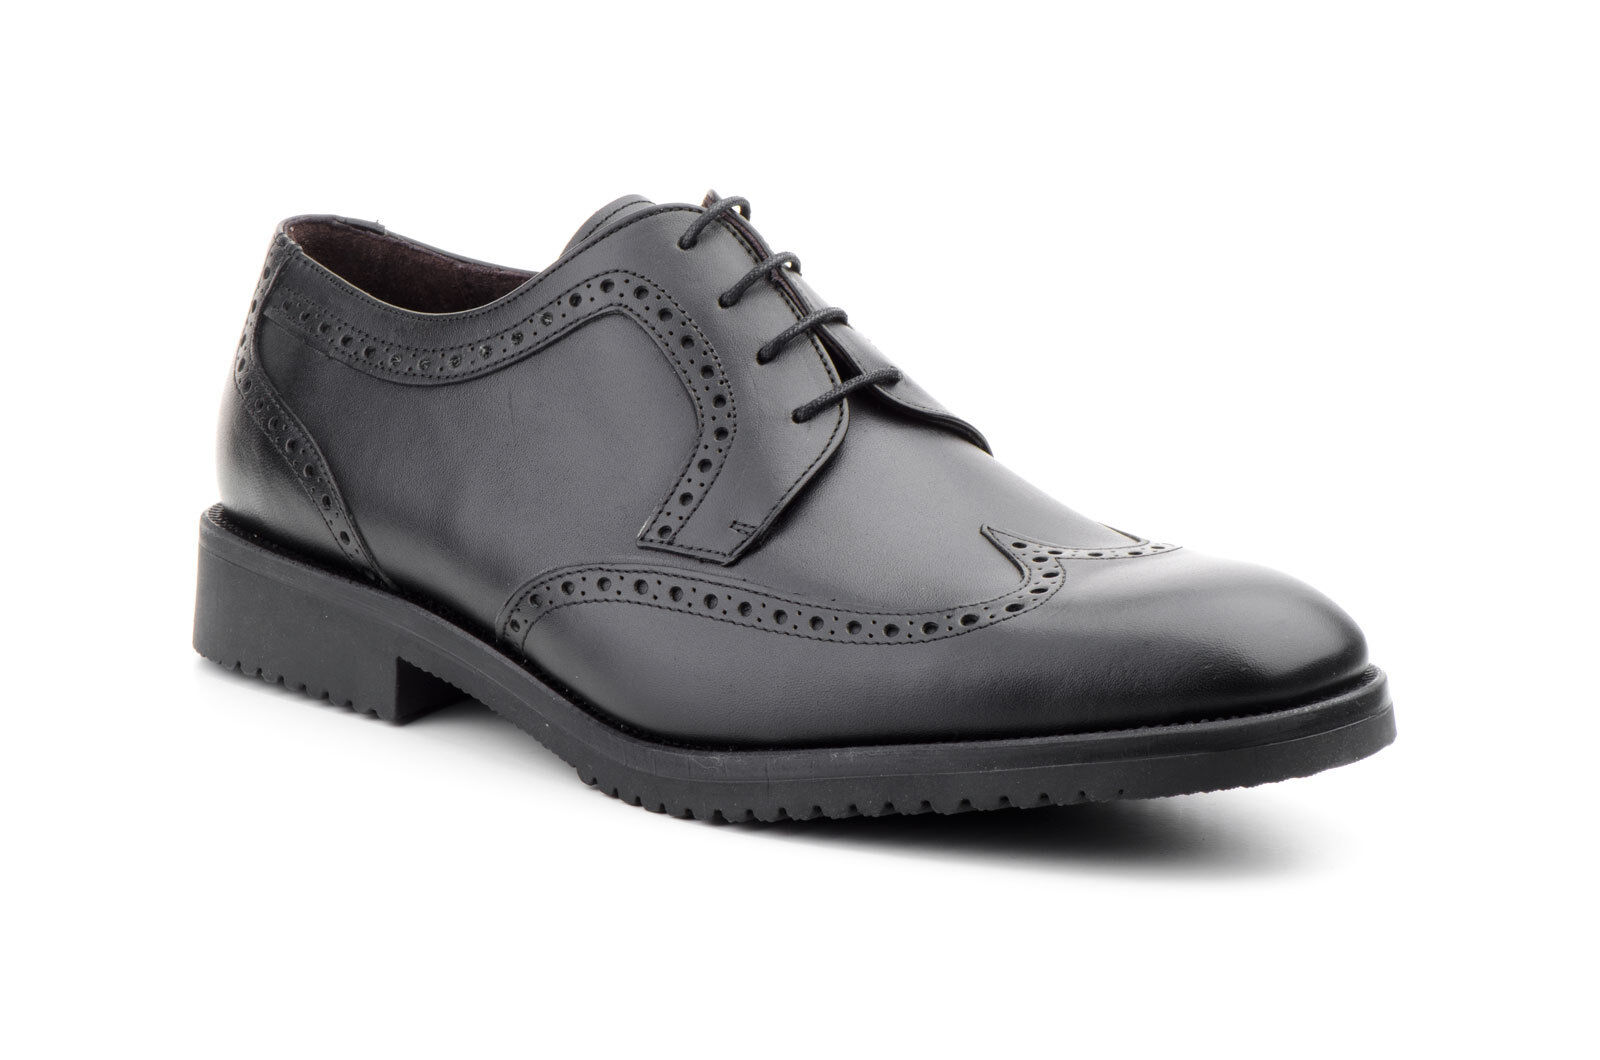 Schuhe Schnürsenkel Pelz Carlo Garelli für Mann Größe 39 44 40 41 42 43 44 39 45 46 db2b2a